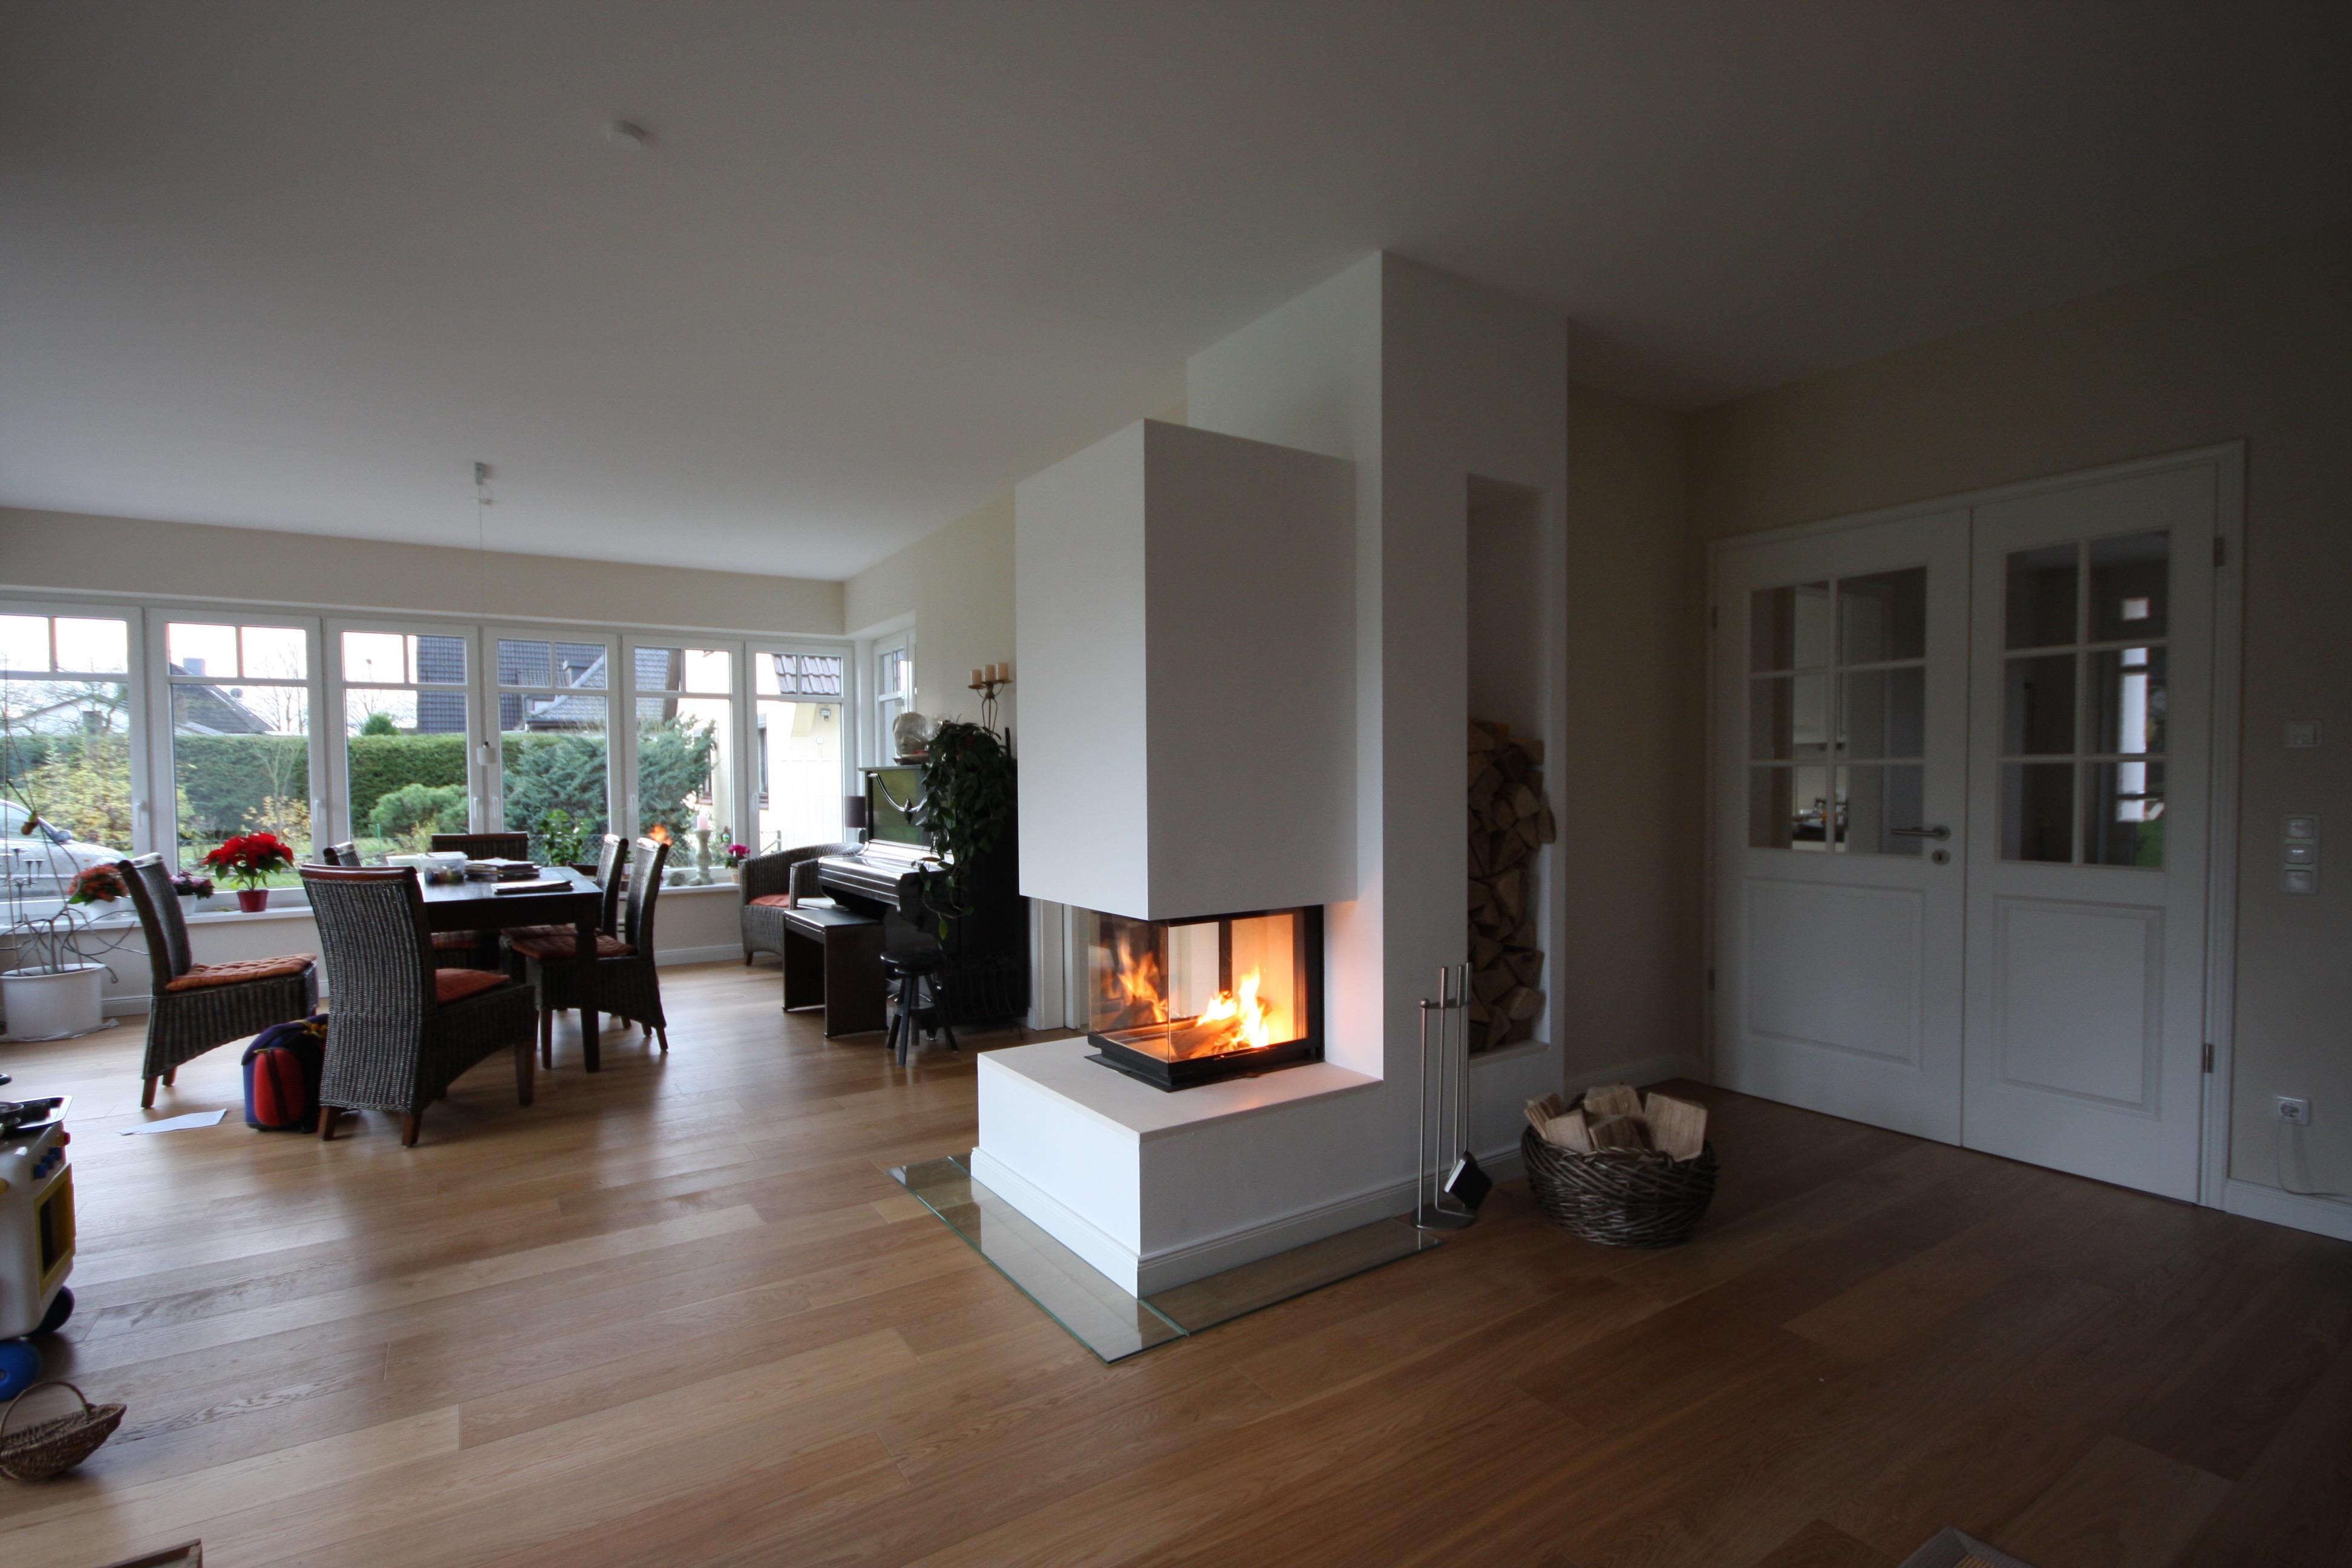 kamin nachr sten kosten kamin das muss man wissen sch ner wohnen ofen wer soll die w rme. Black Bedroom Furniture Sets. Home Design Ideas